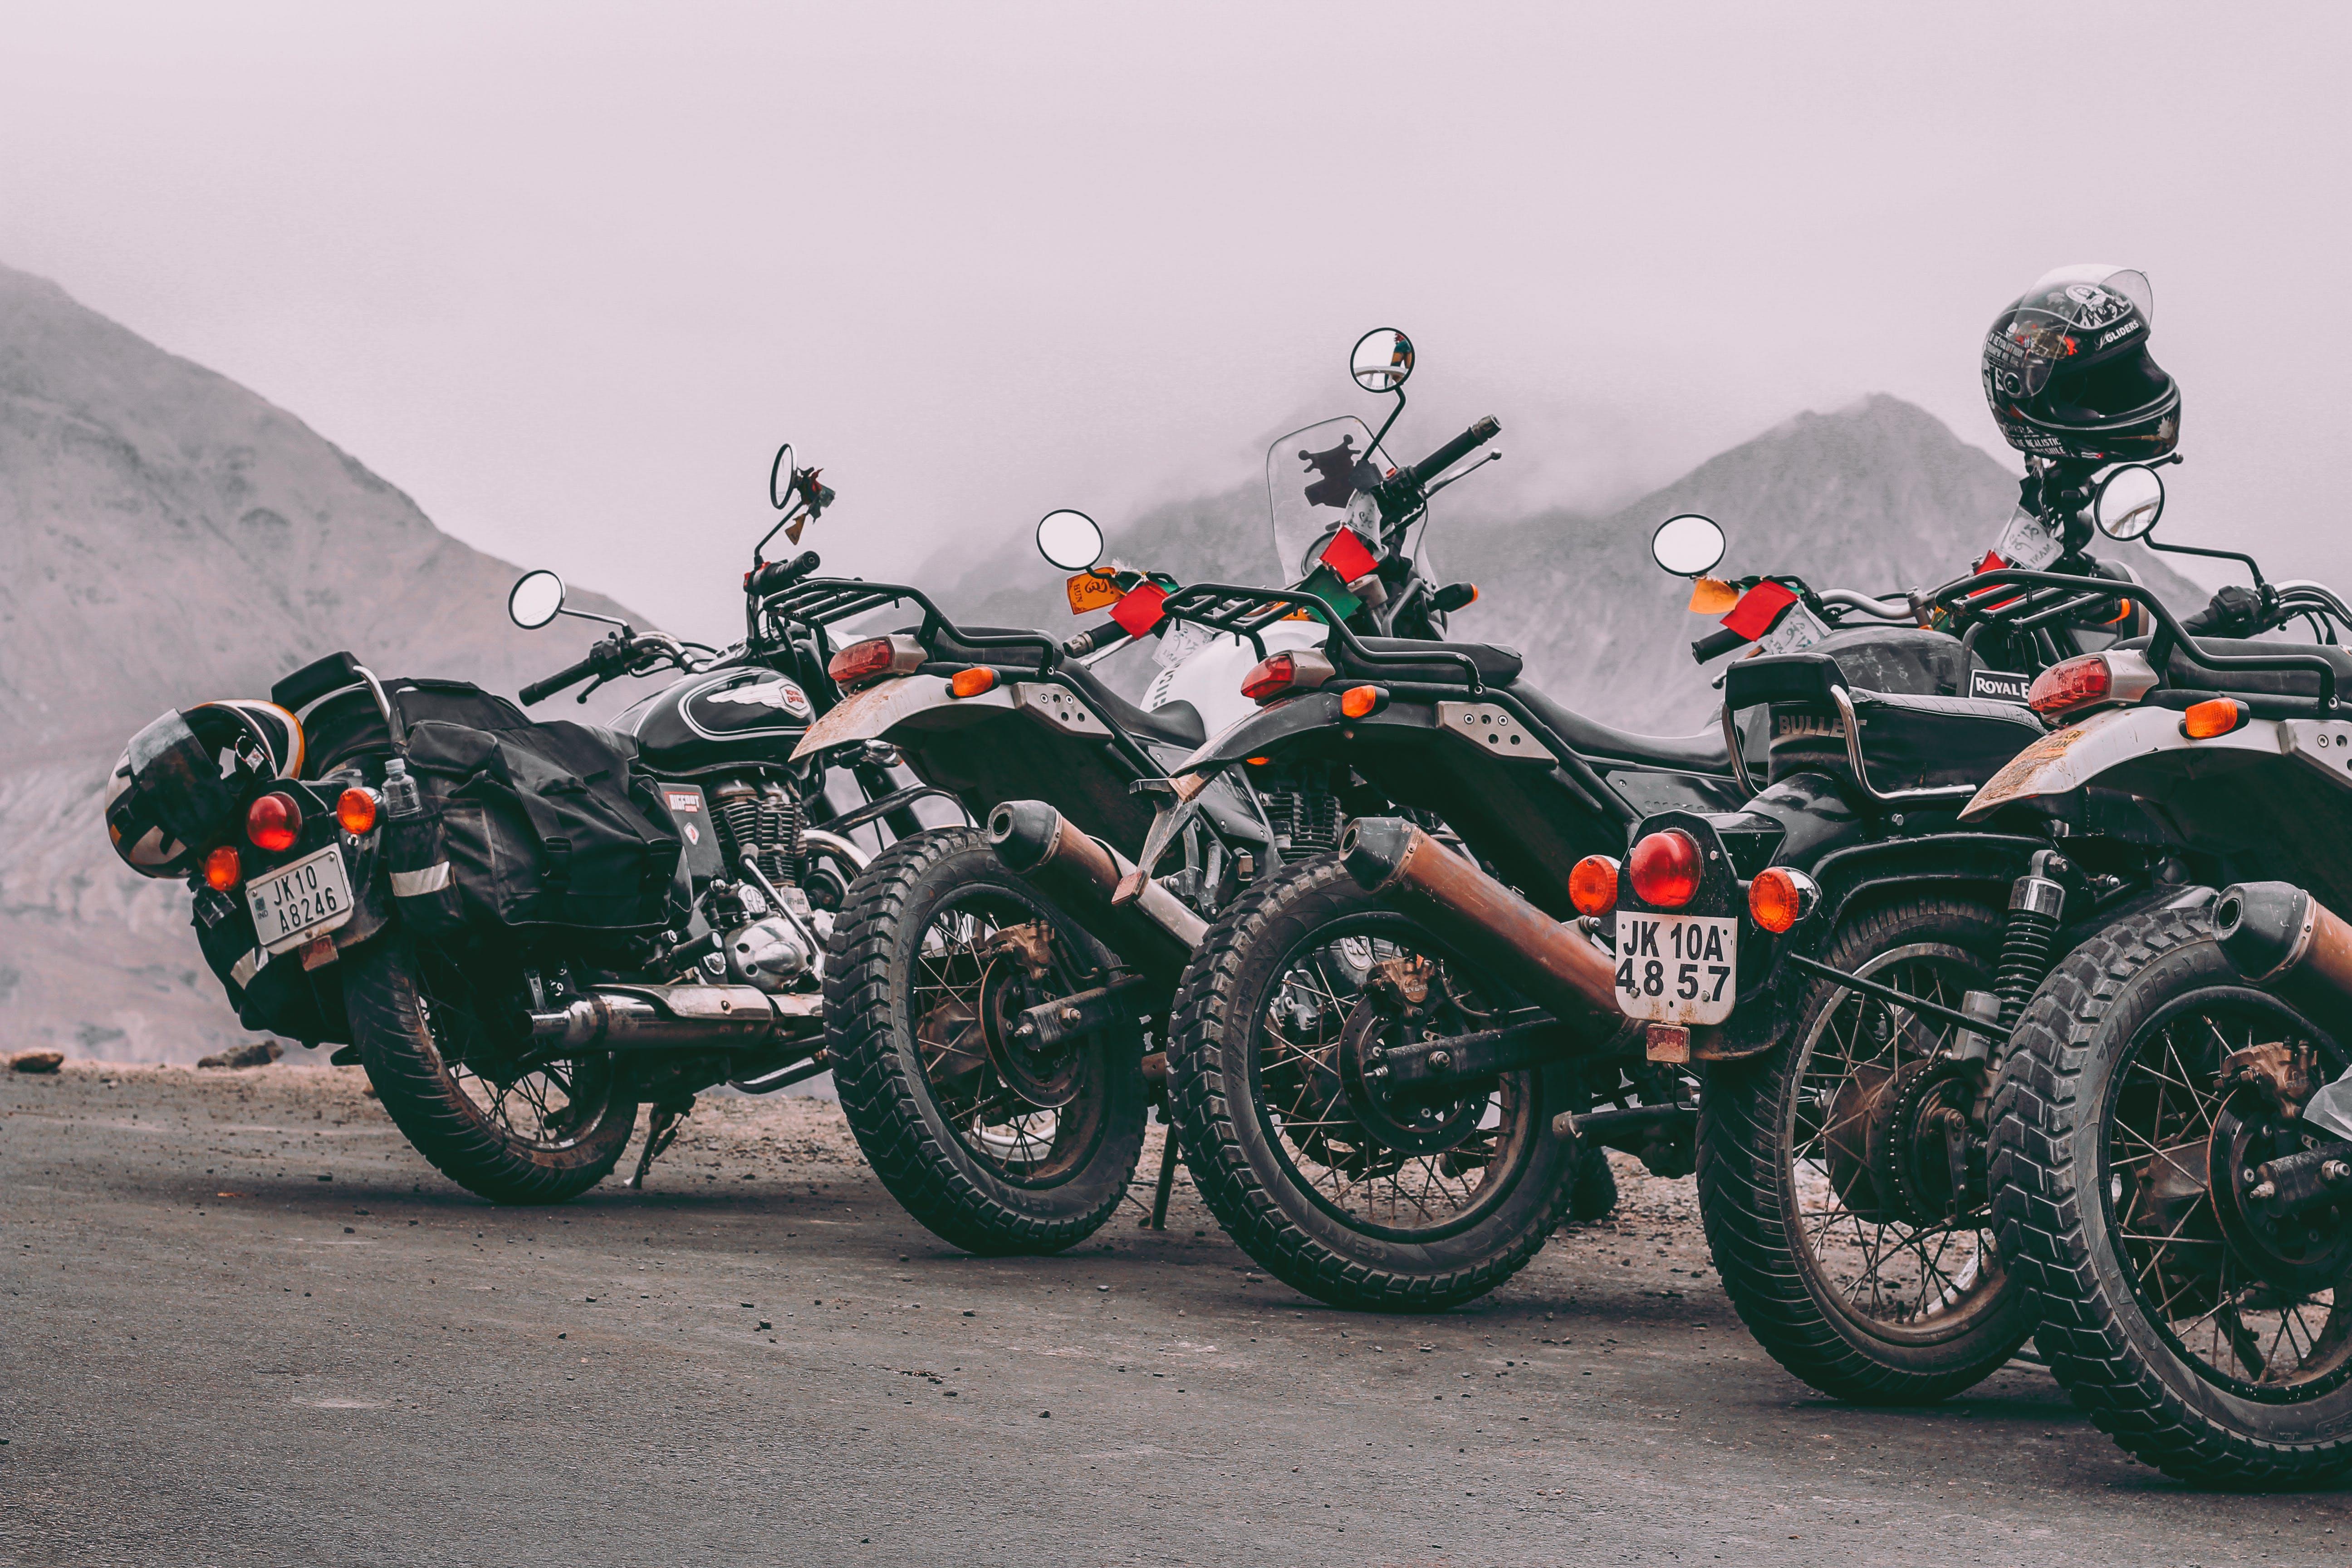 คลังภาพถ่ายฟรี ของ พาหนะ, มอเตอร์ไซค์วิบาก, รถจักรยานยนต์, รถมอเตอร์ไซค์